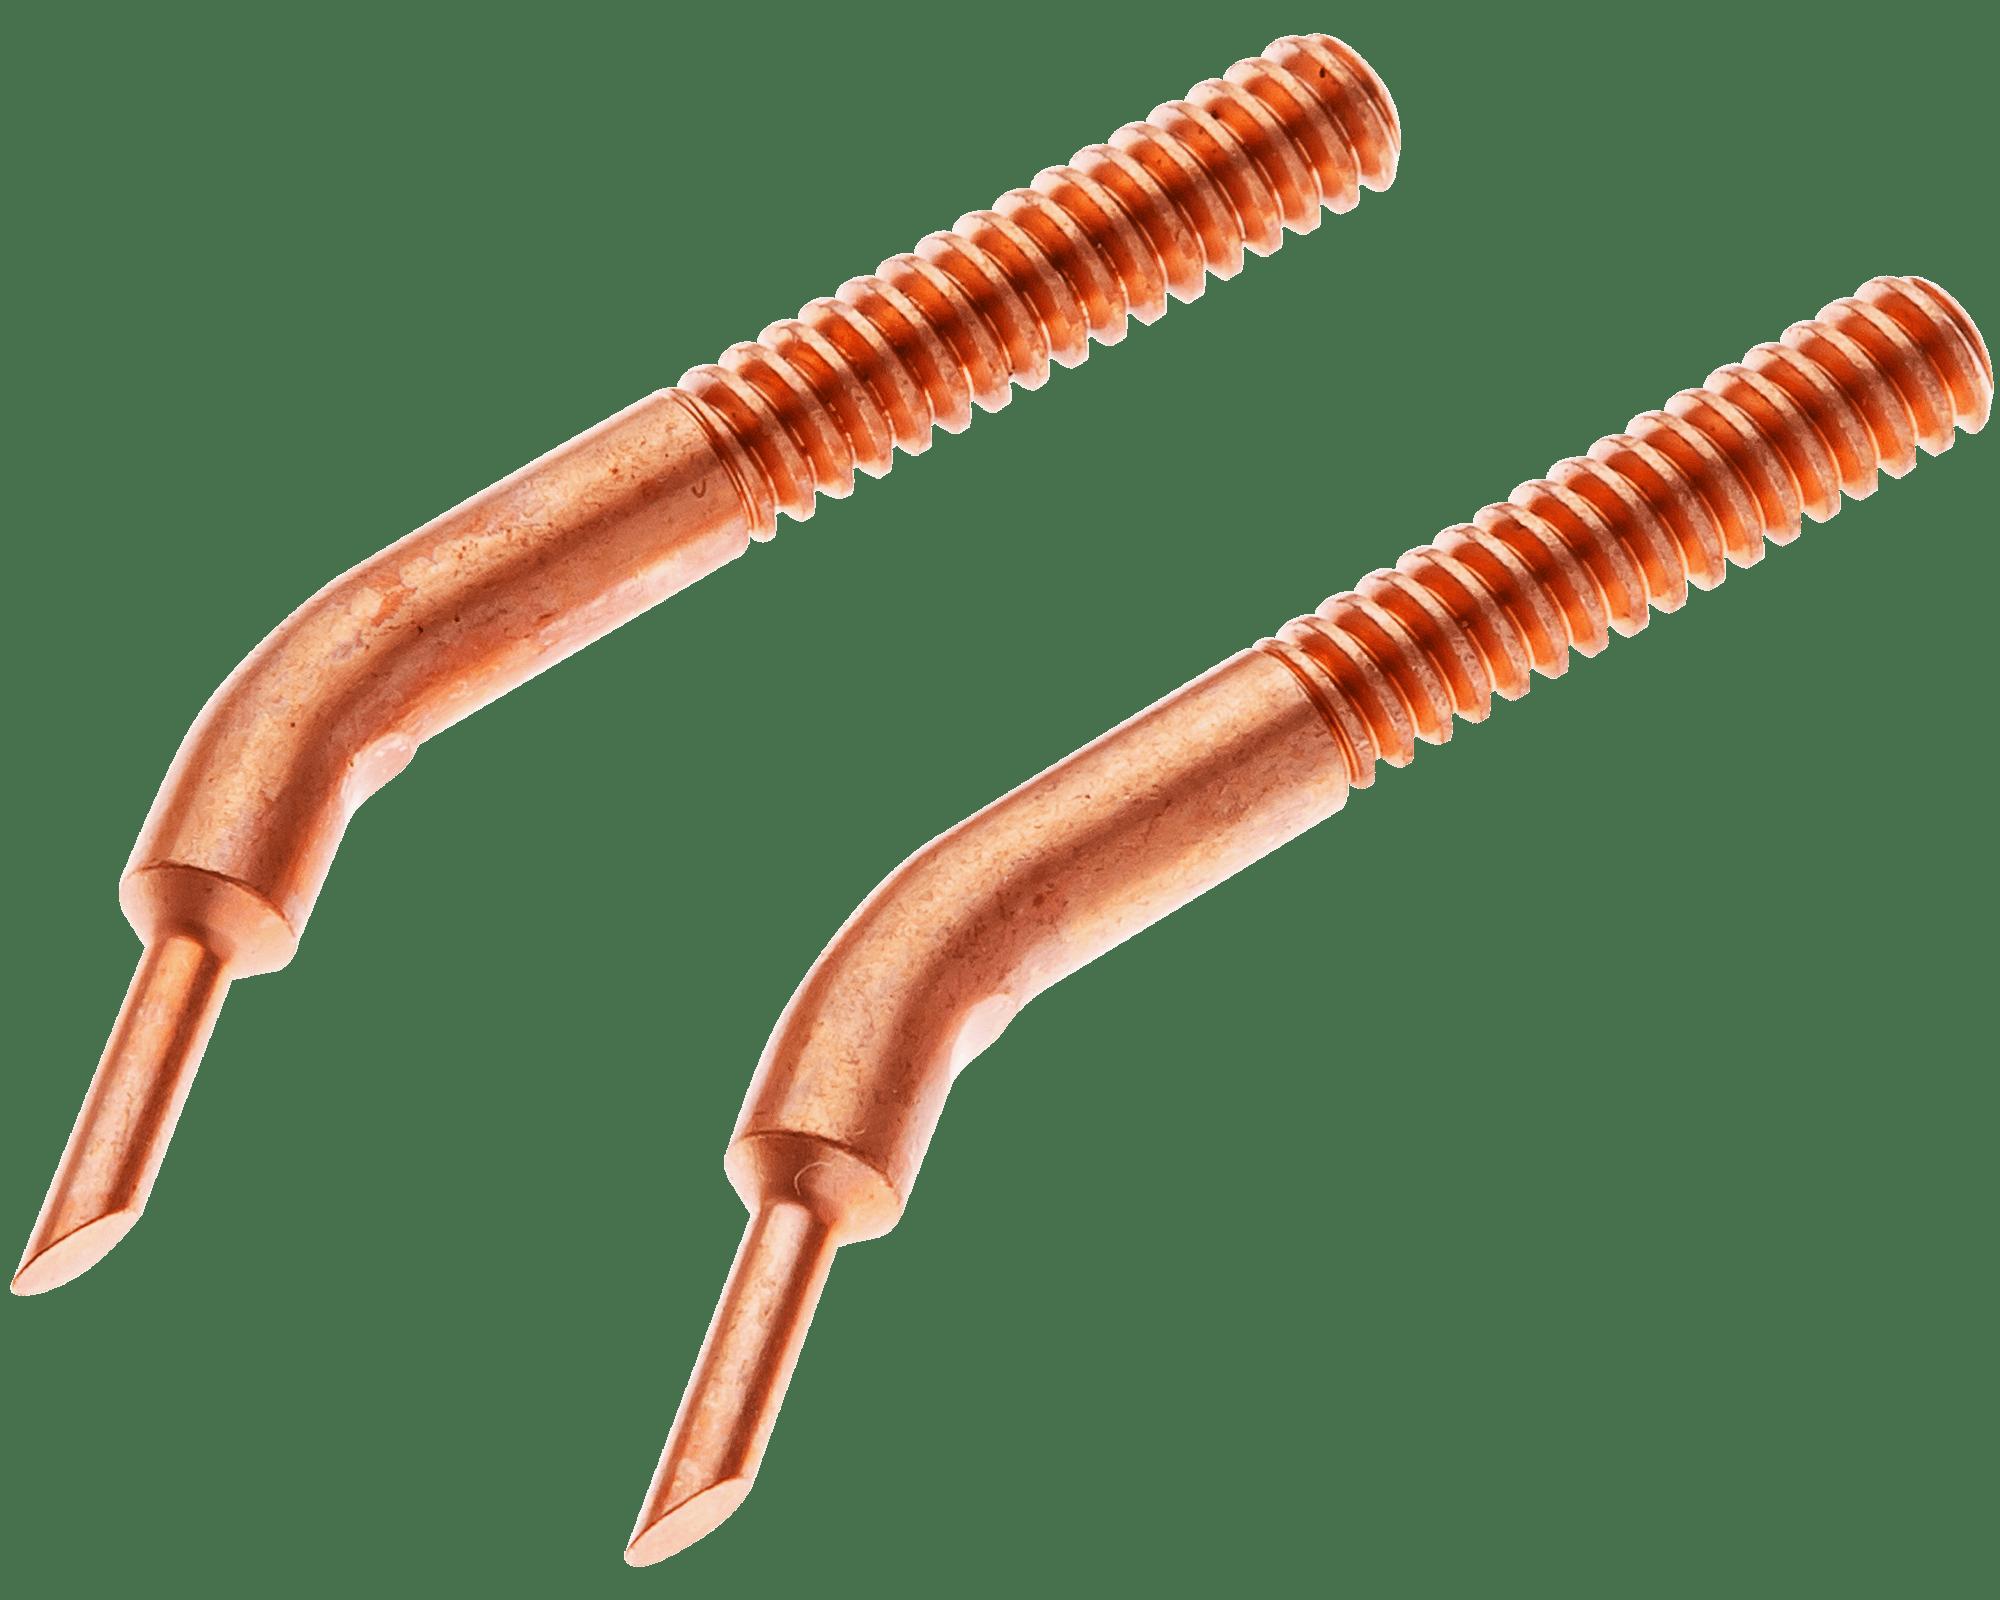 """ET0402 Tweezer Electrode Set<br> 6-32 Thread, 1/16"""" Tip OD <br> RWMA 2"""